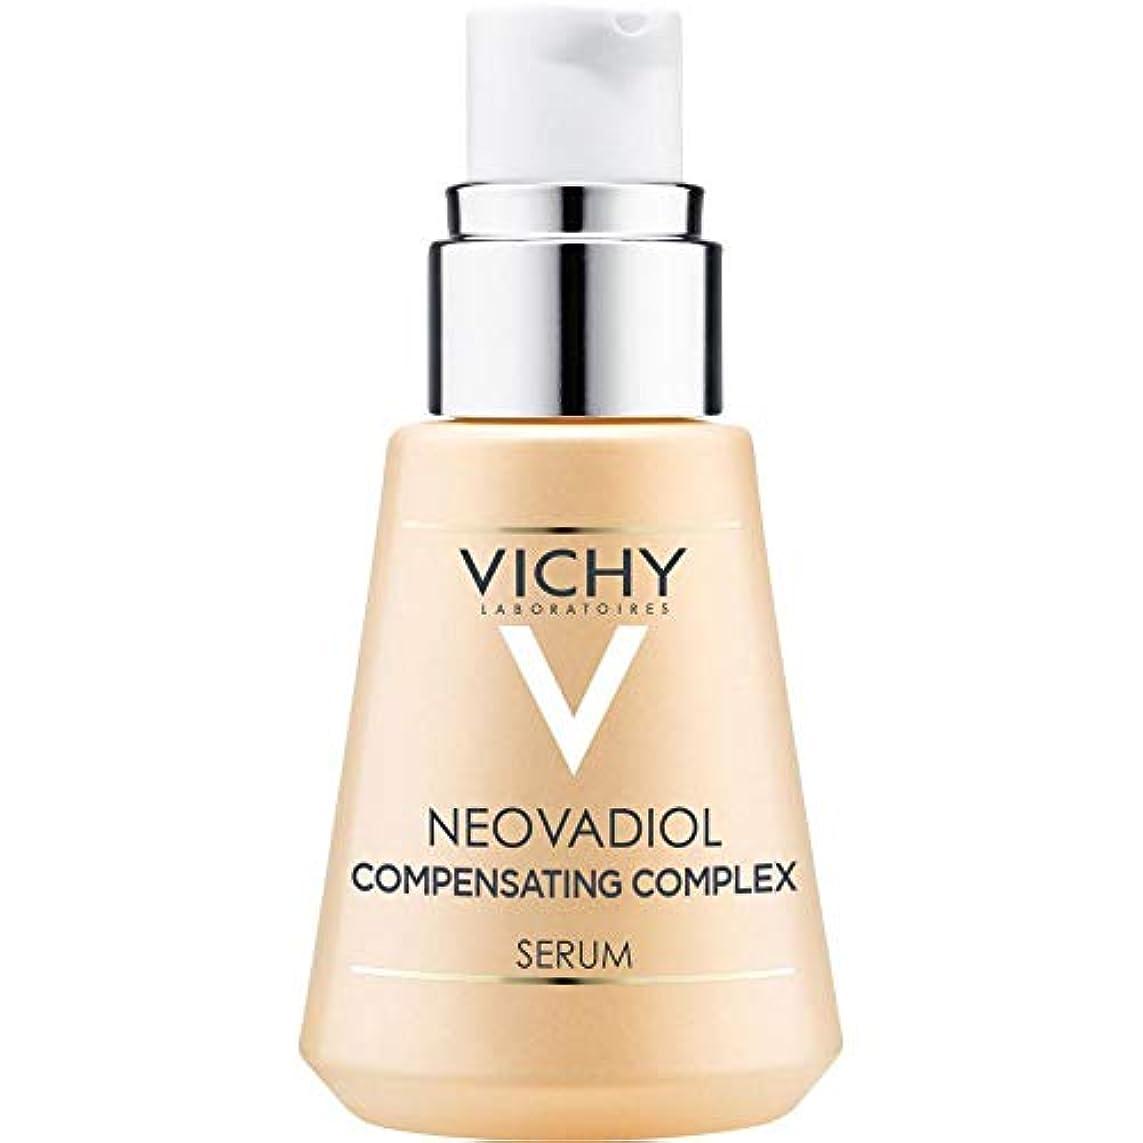 防止ヒップ取り囲む[Vichy] 複雑なセラム30Mlを補償Neovadiolヴィシー - Vichy Neovadiol Compensating Complex Serum 30ml [並行輸入品]